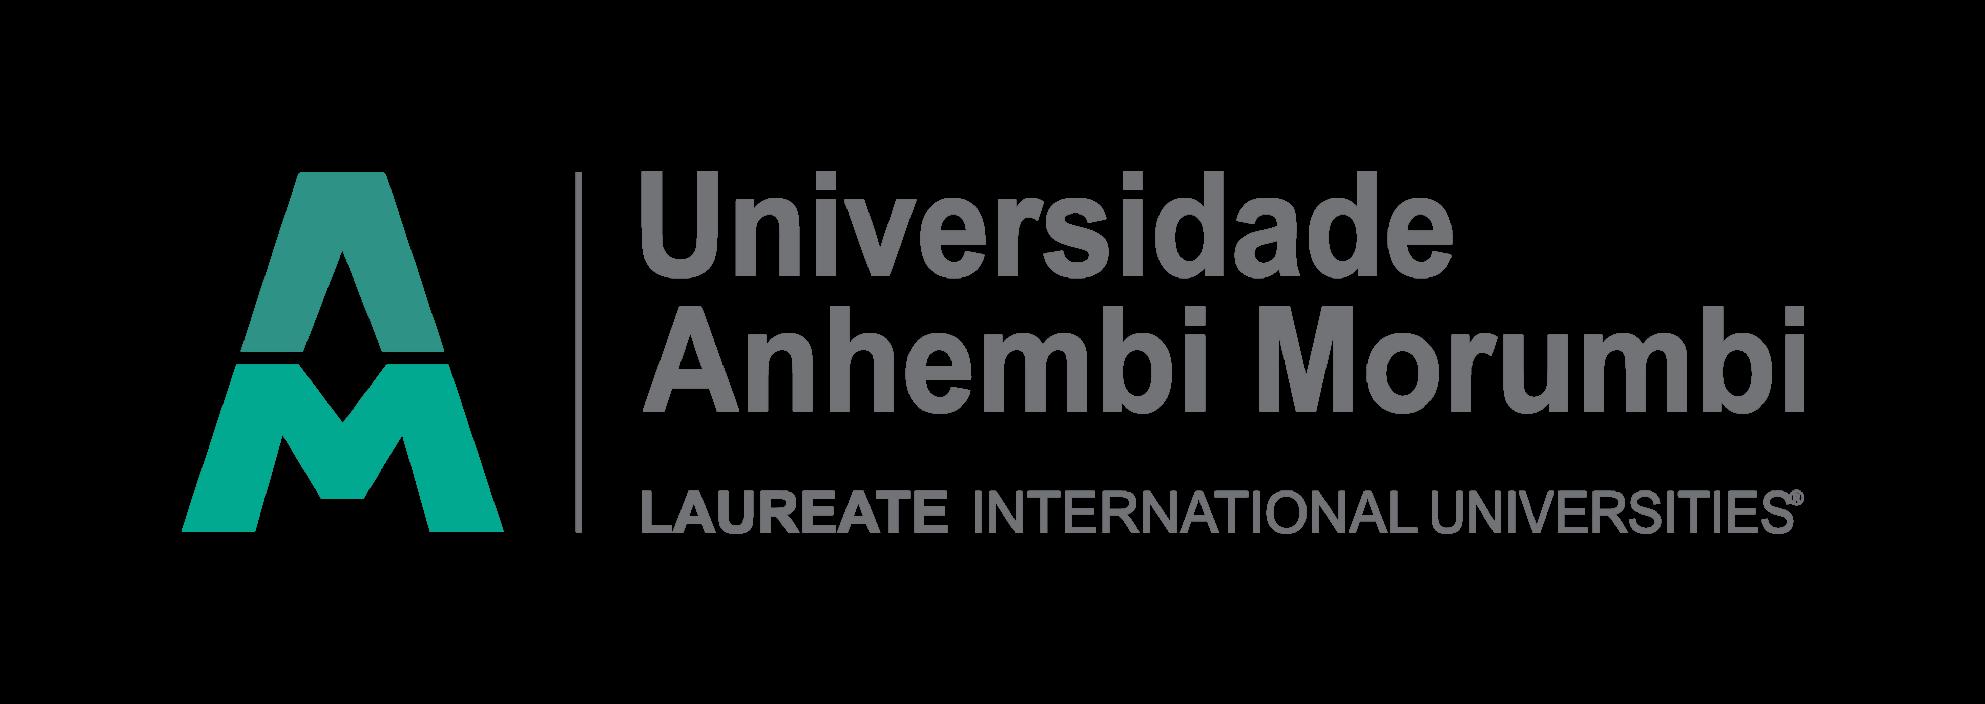 Marcos Hiller Formação de Estrategistas de Marca Logotipo Anhembi Morumbi